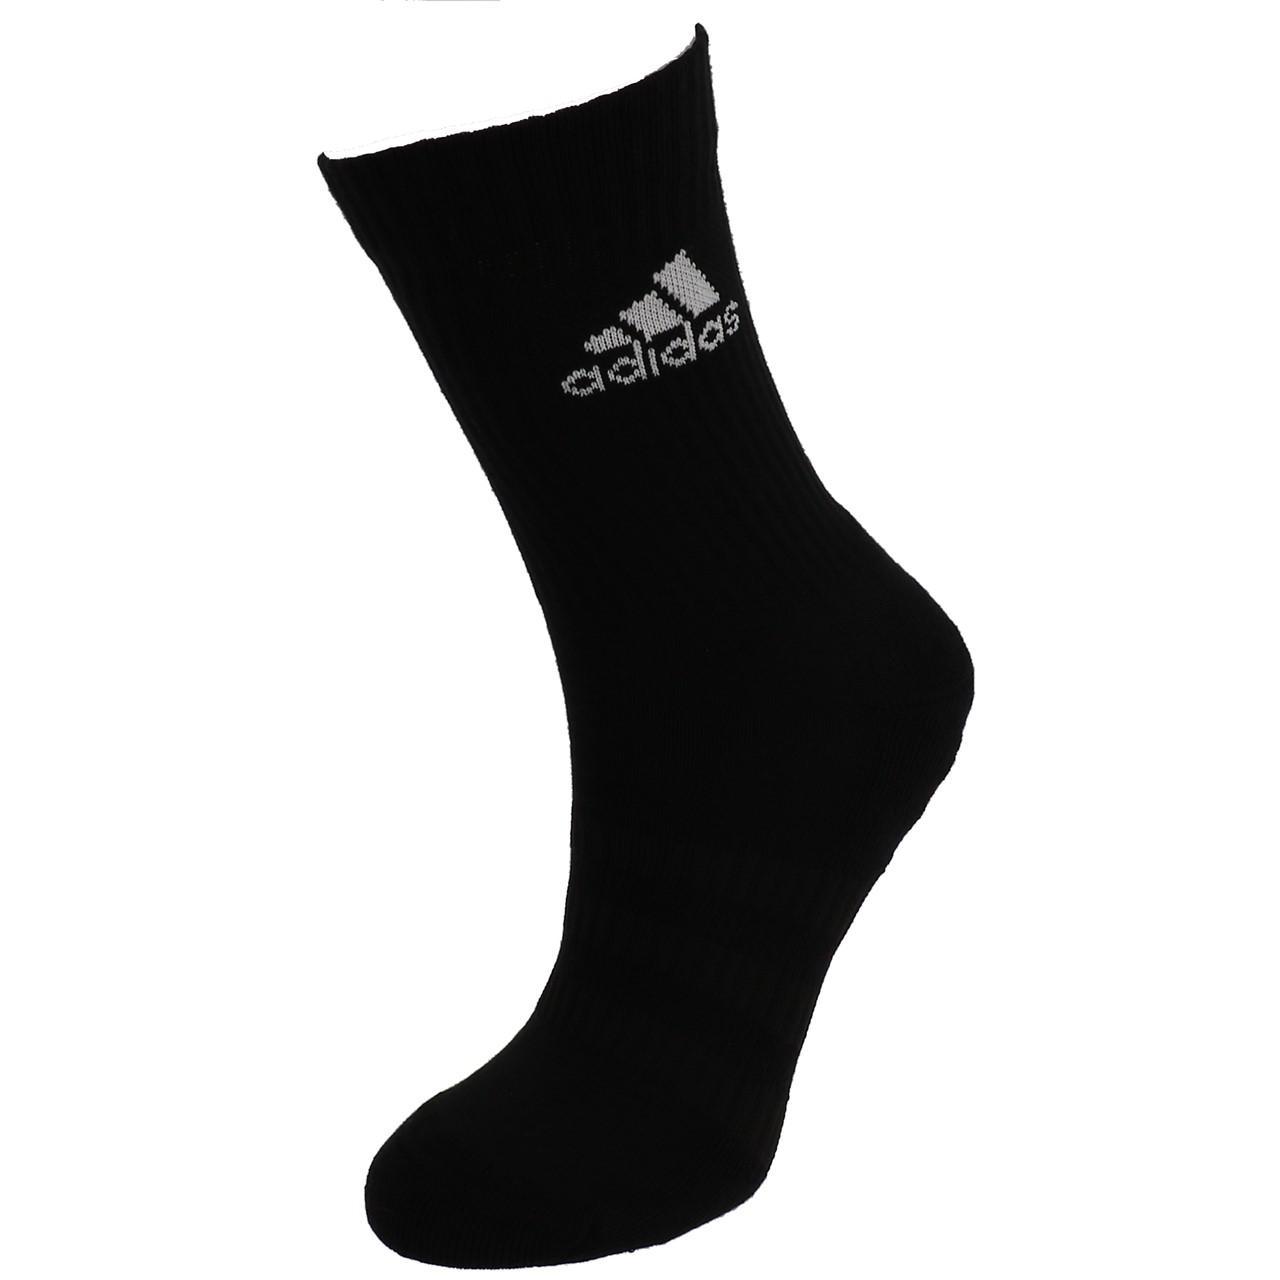 Short-Socks-Socks-Adidas-3s-Perf-Crew-cho7-nr-6pp-Black-19049-New thumbnail 4